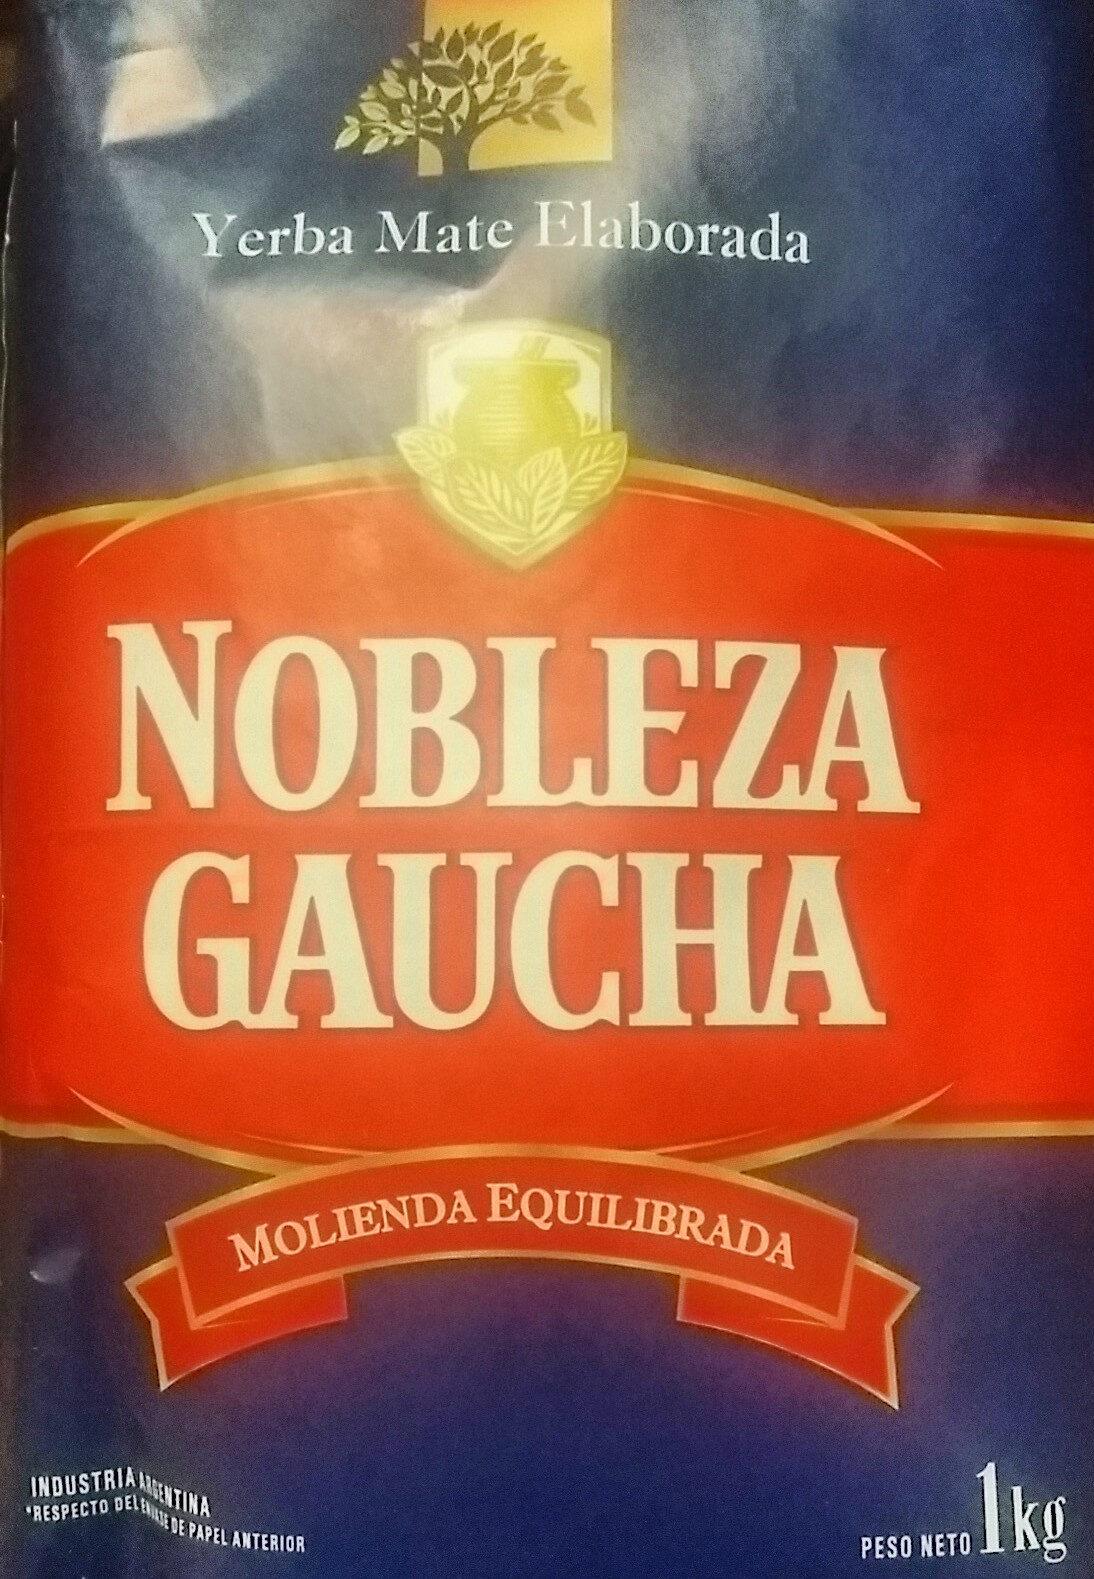 Nobleza Gaucha - Product - es